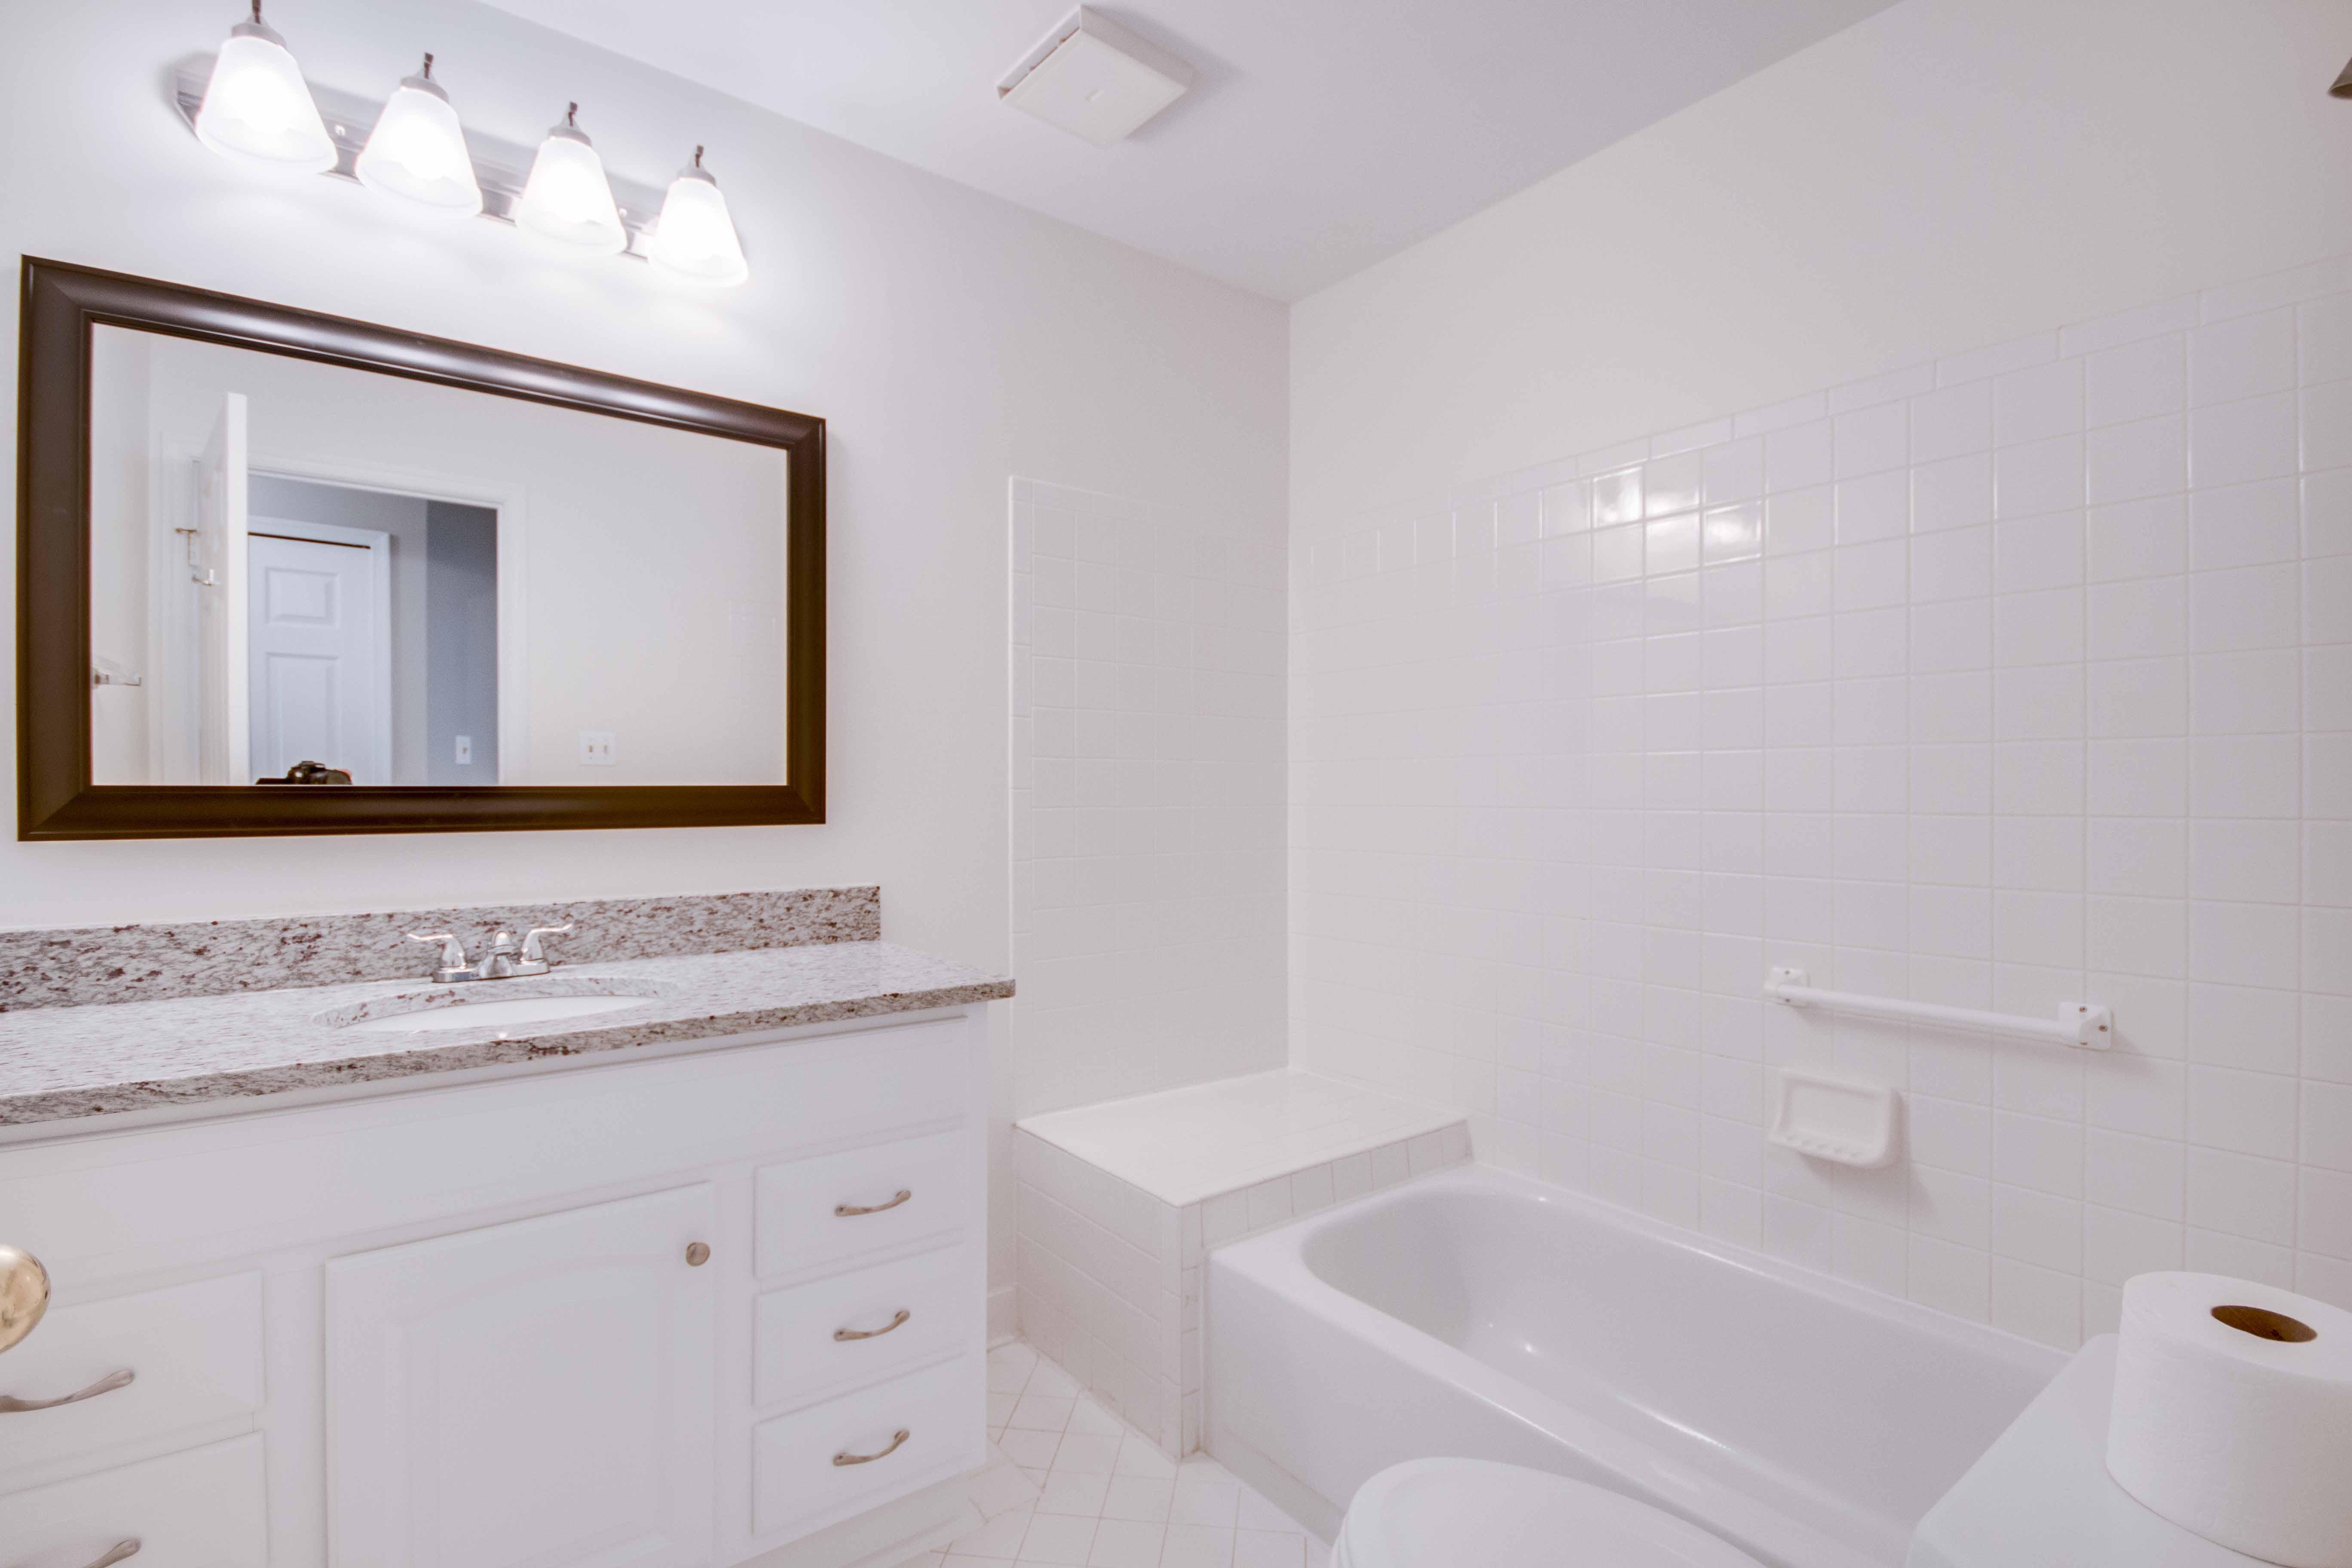 20576 Snowshoe Square #201, Ashburn, VA -  Master Bath